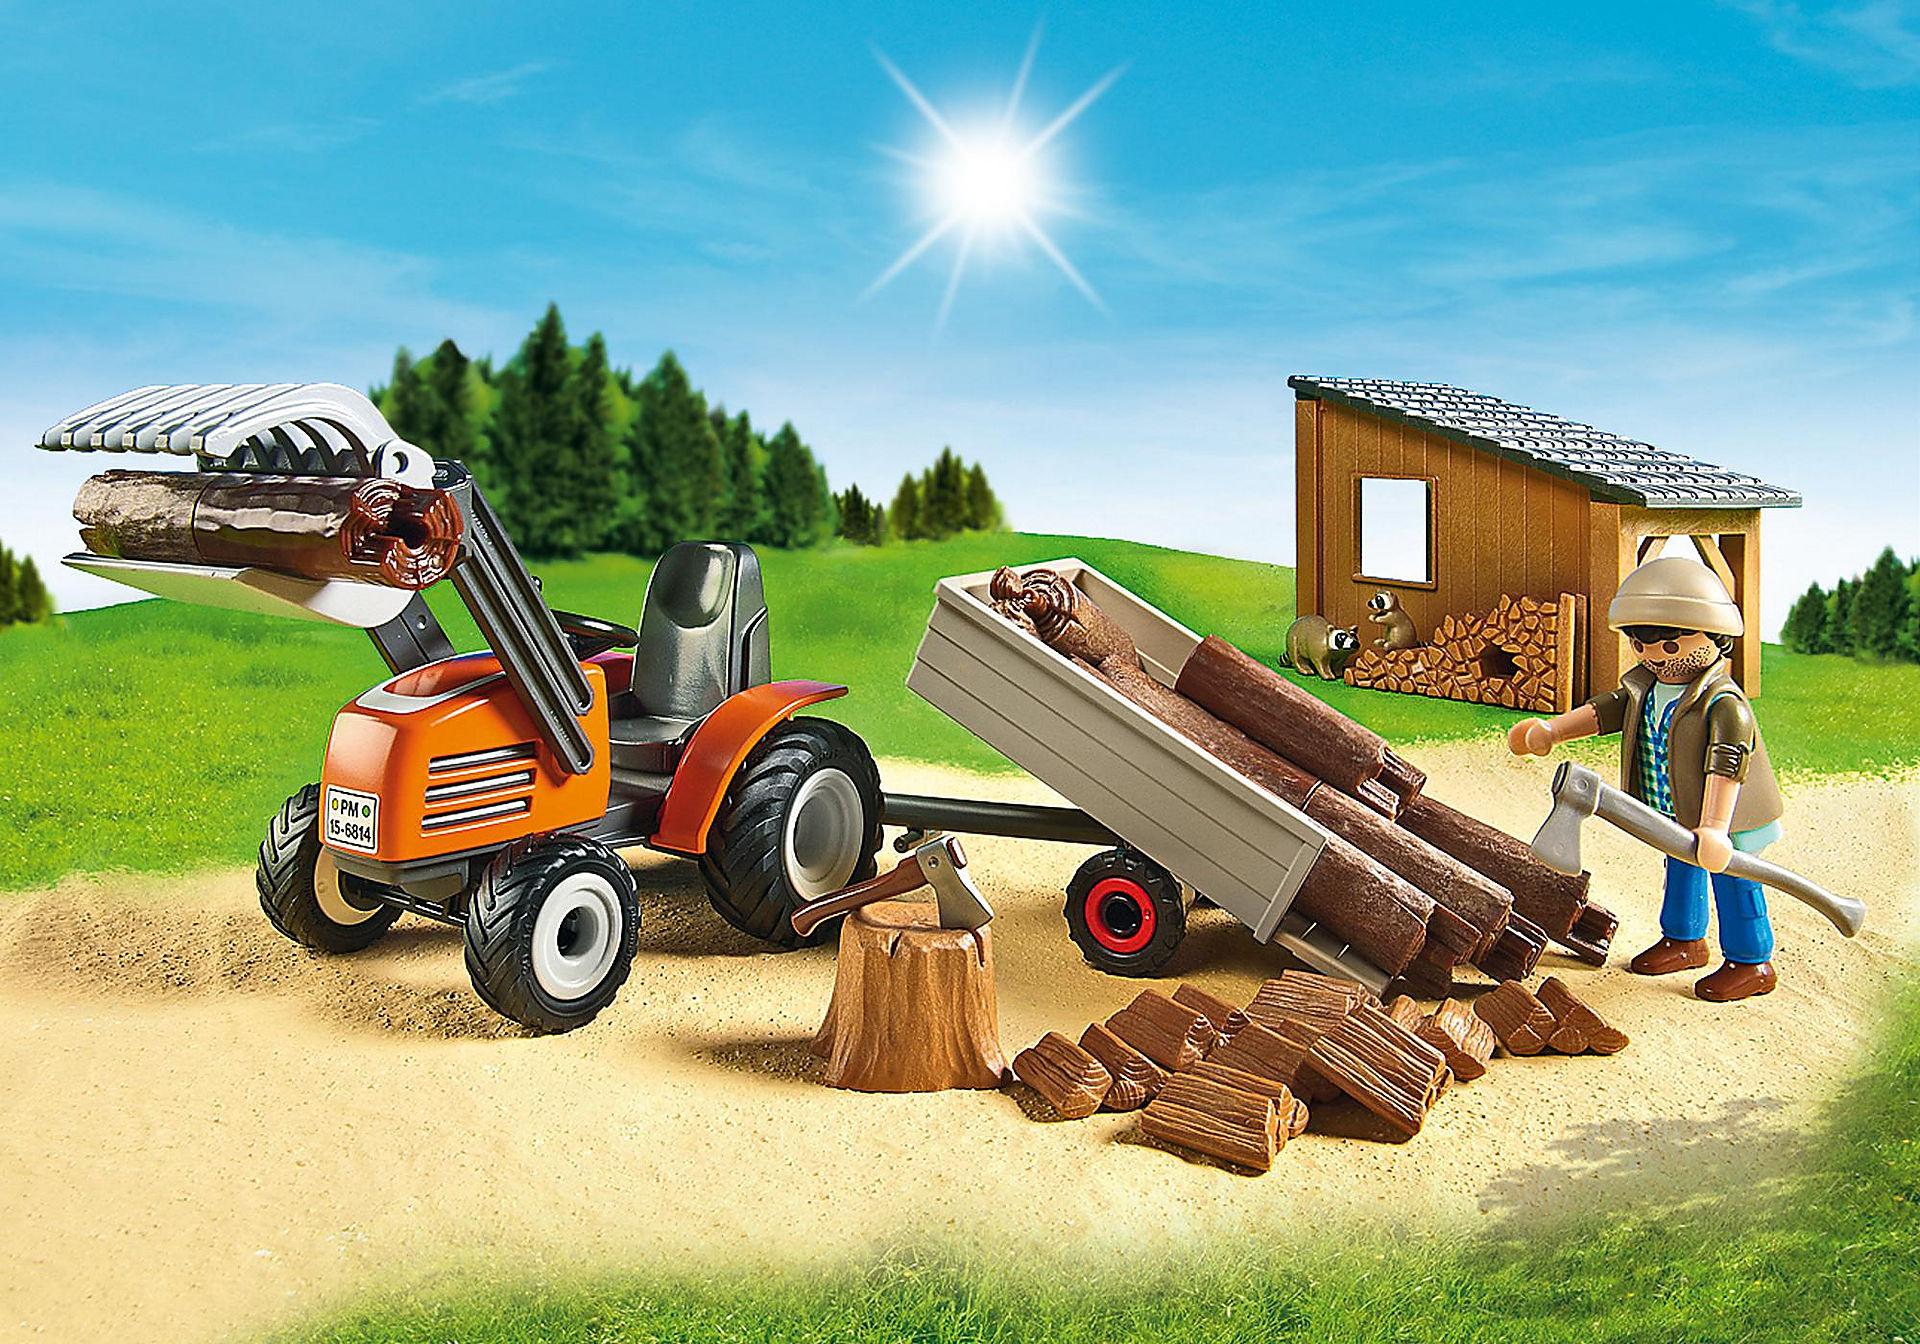 6814 Skovarbejder med traktor zoom image5